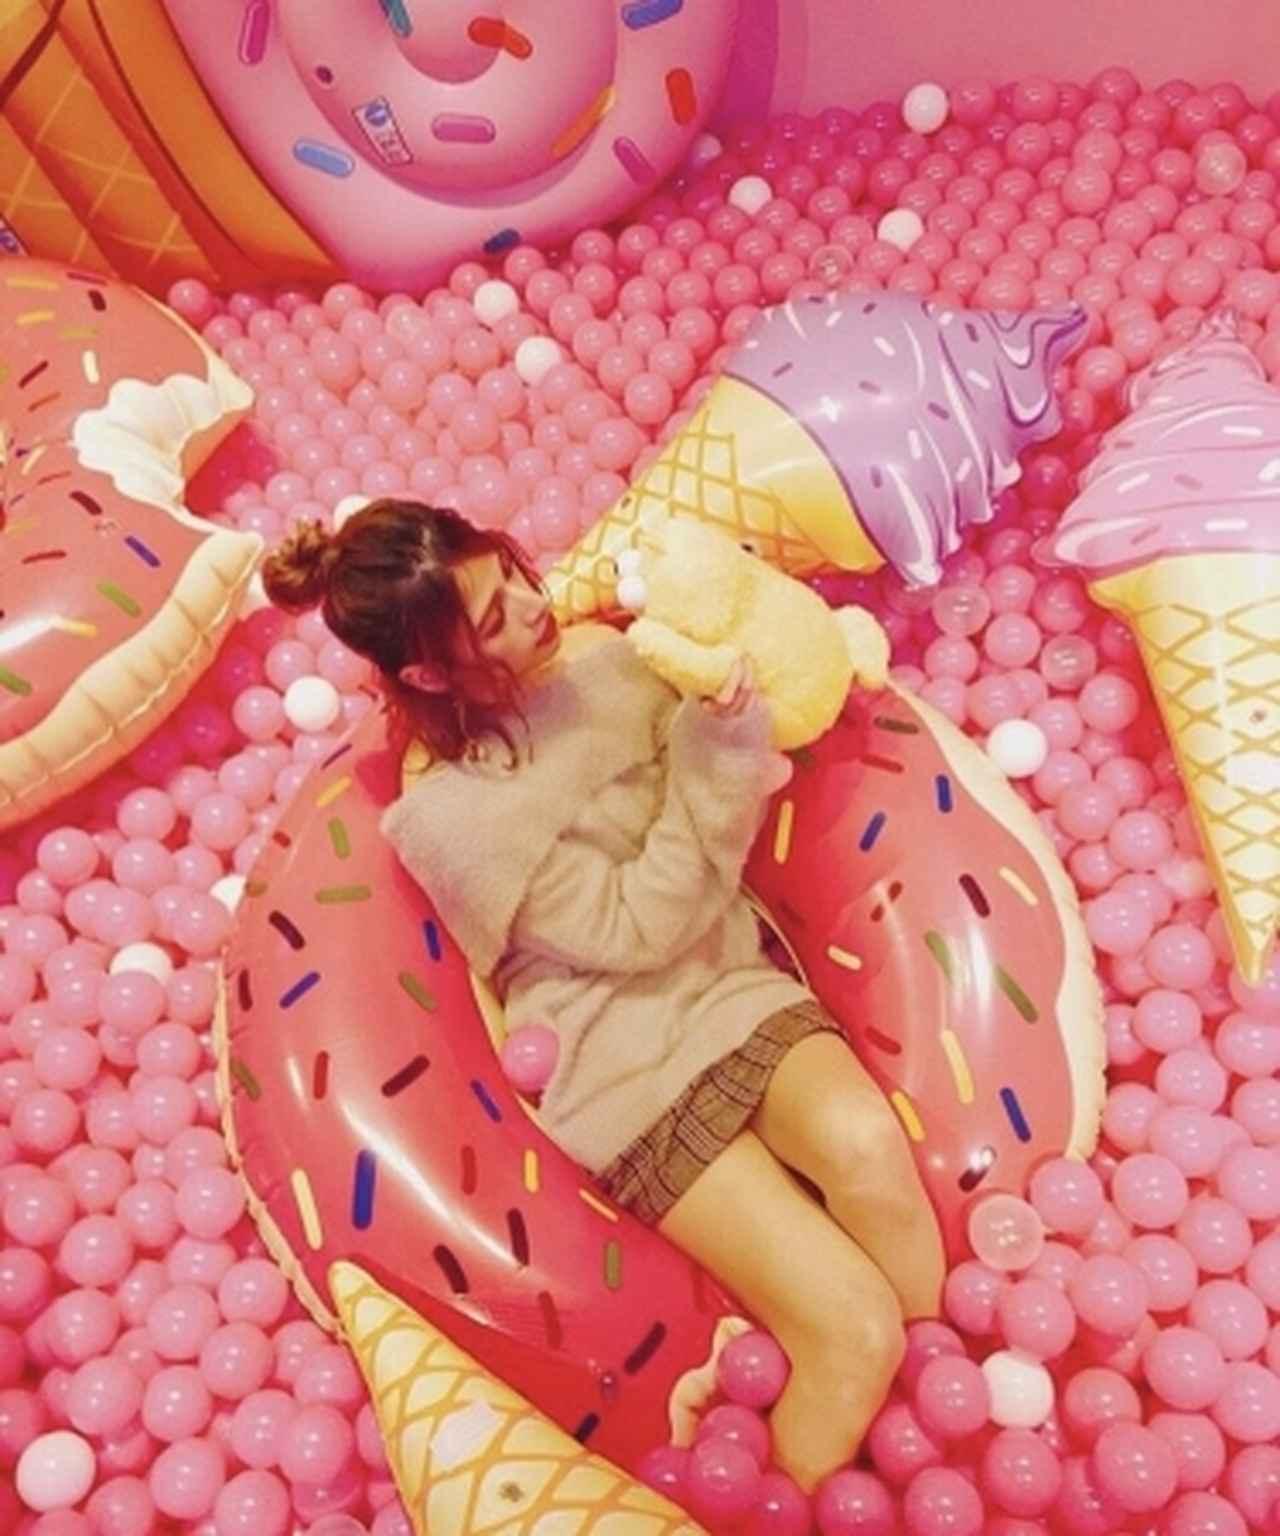 画像4: 食べられないアイスの国 東京アイスクリームランド第2回開催決定